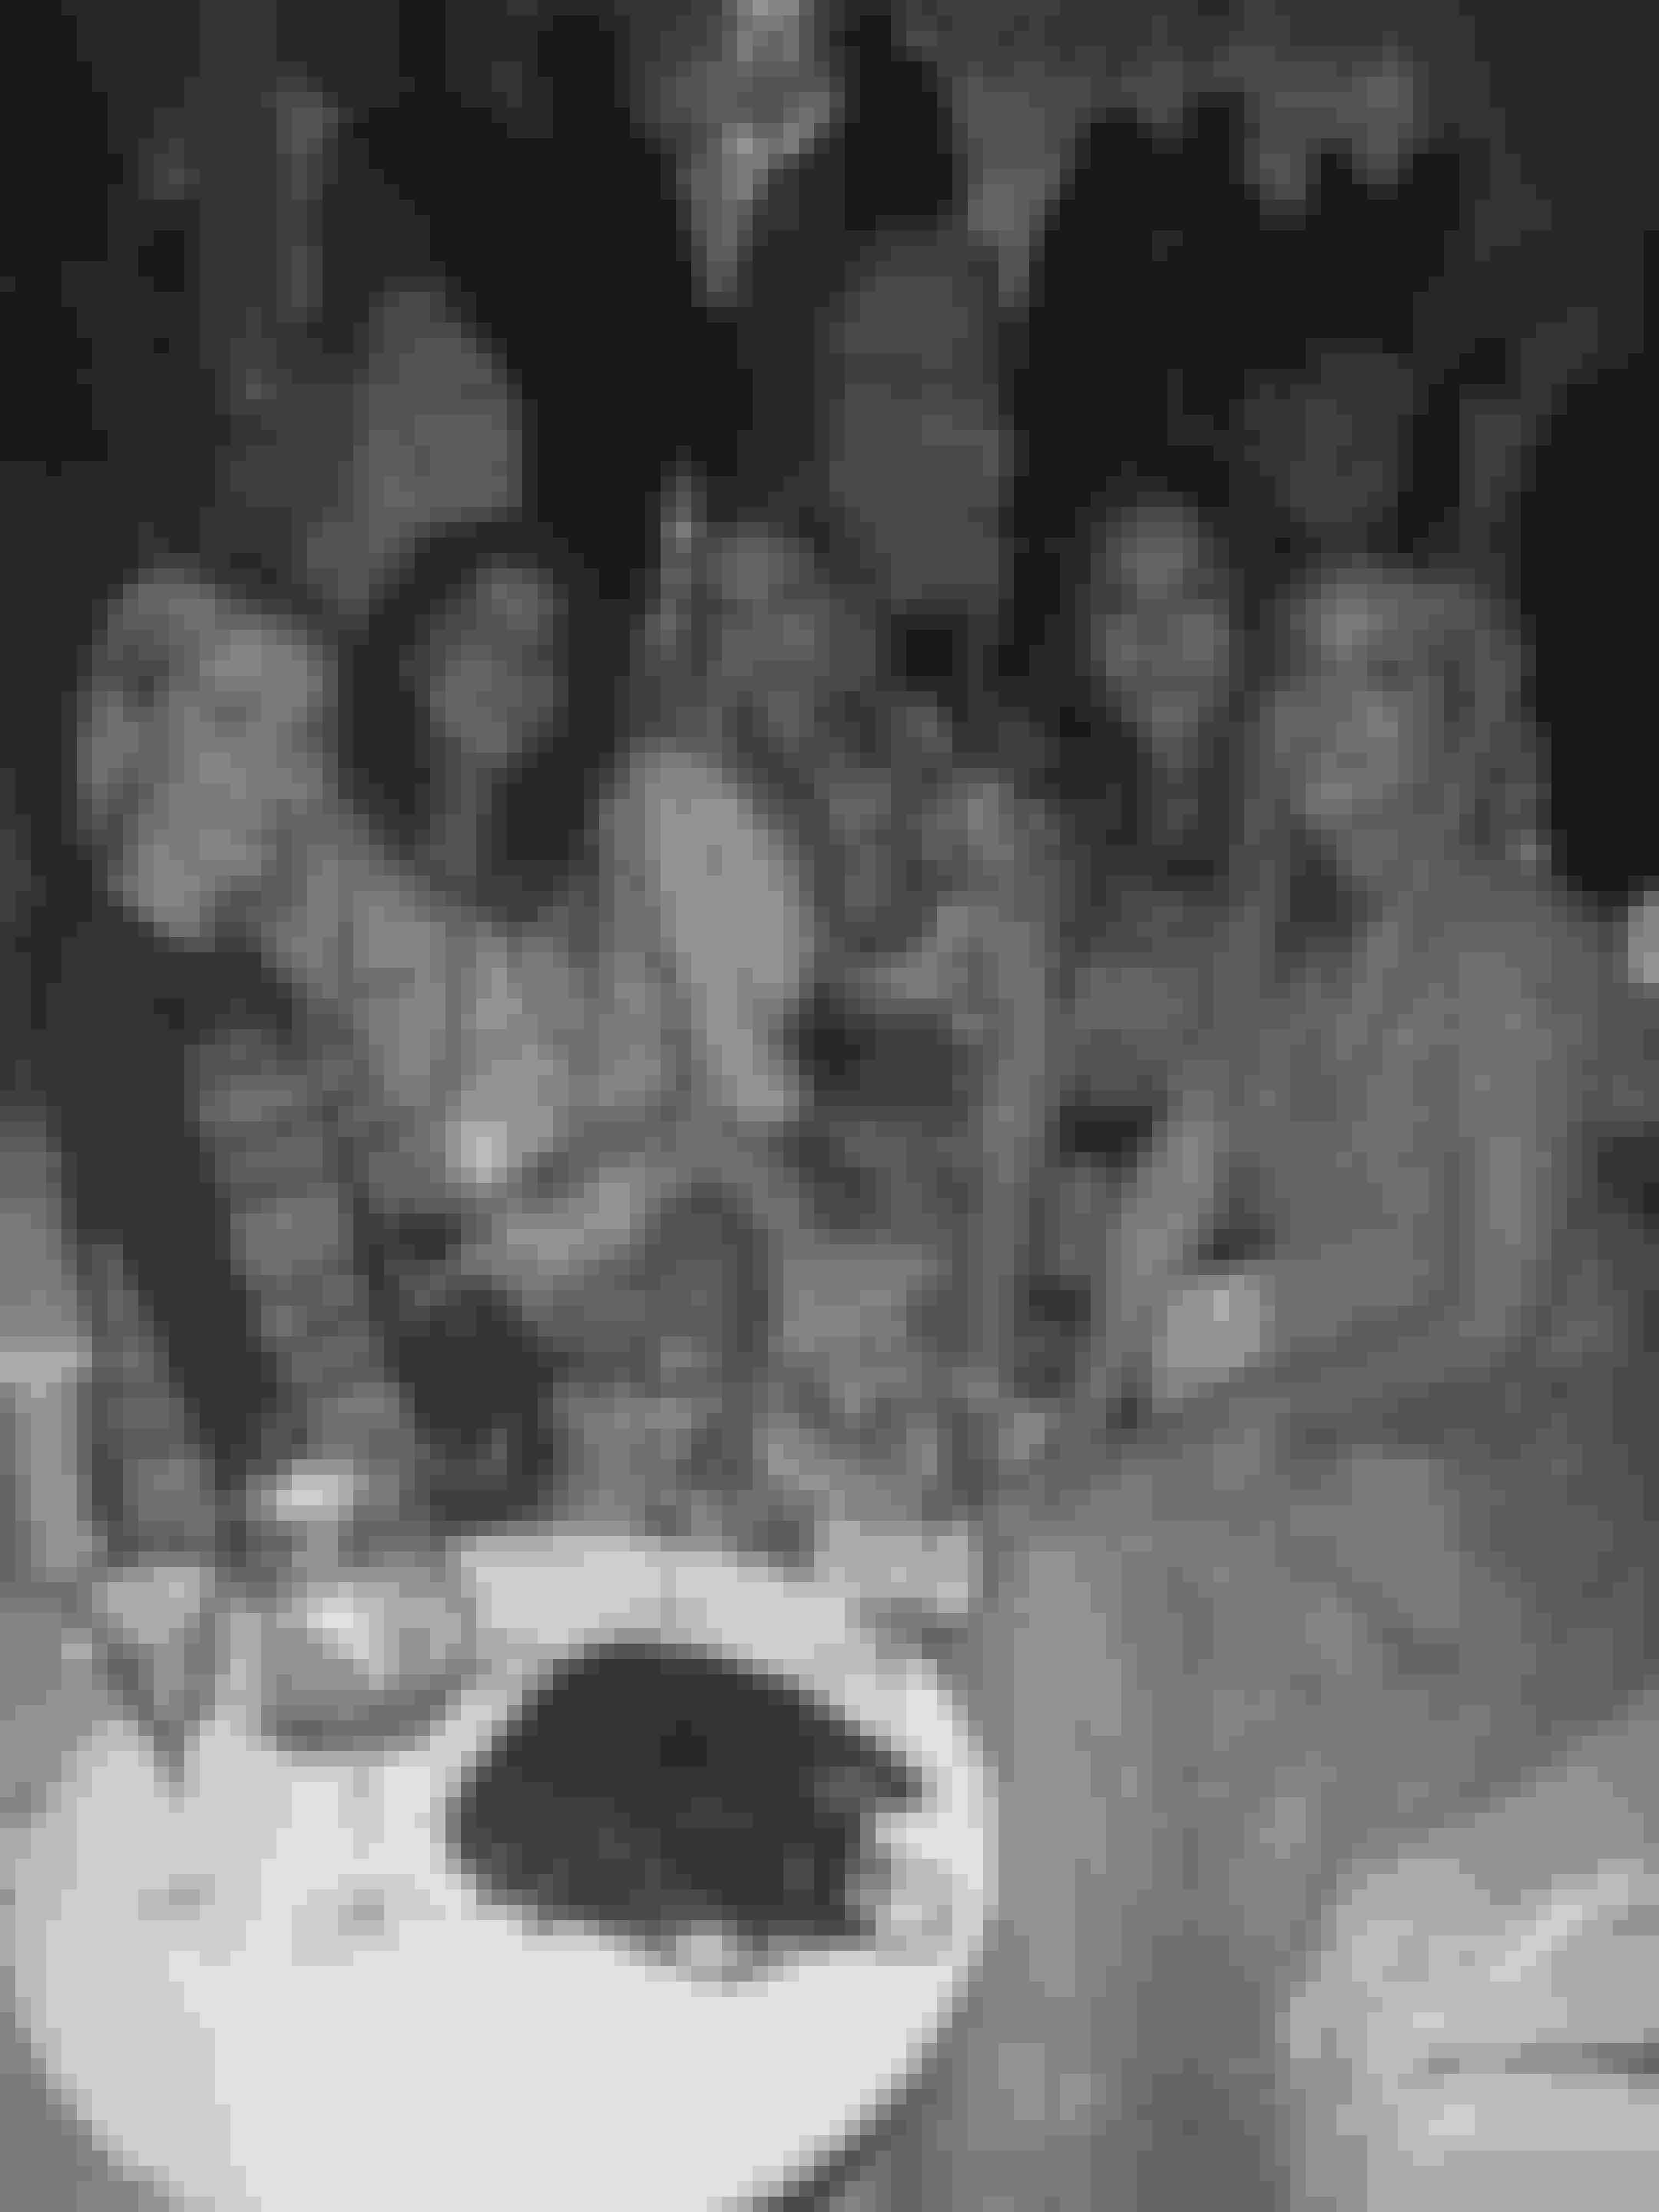 Kort efter showet var slut, blev der kaldt over højtaleren, at vi alle skulle komme ombord på La Pausa. Her tænkte jeg, at det ikke kunne blive vildere, men jo. Inde i båden var der helt hvidt med cocktailbarer, bartendere klædt i hvidt og høj musik. En sjov og herlig aften med dansemus i benene og margaritas i hænderne.